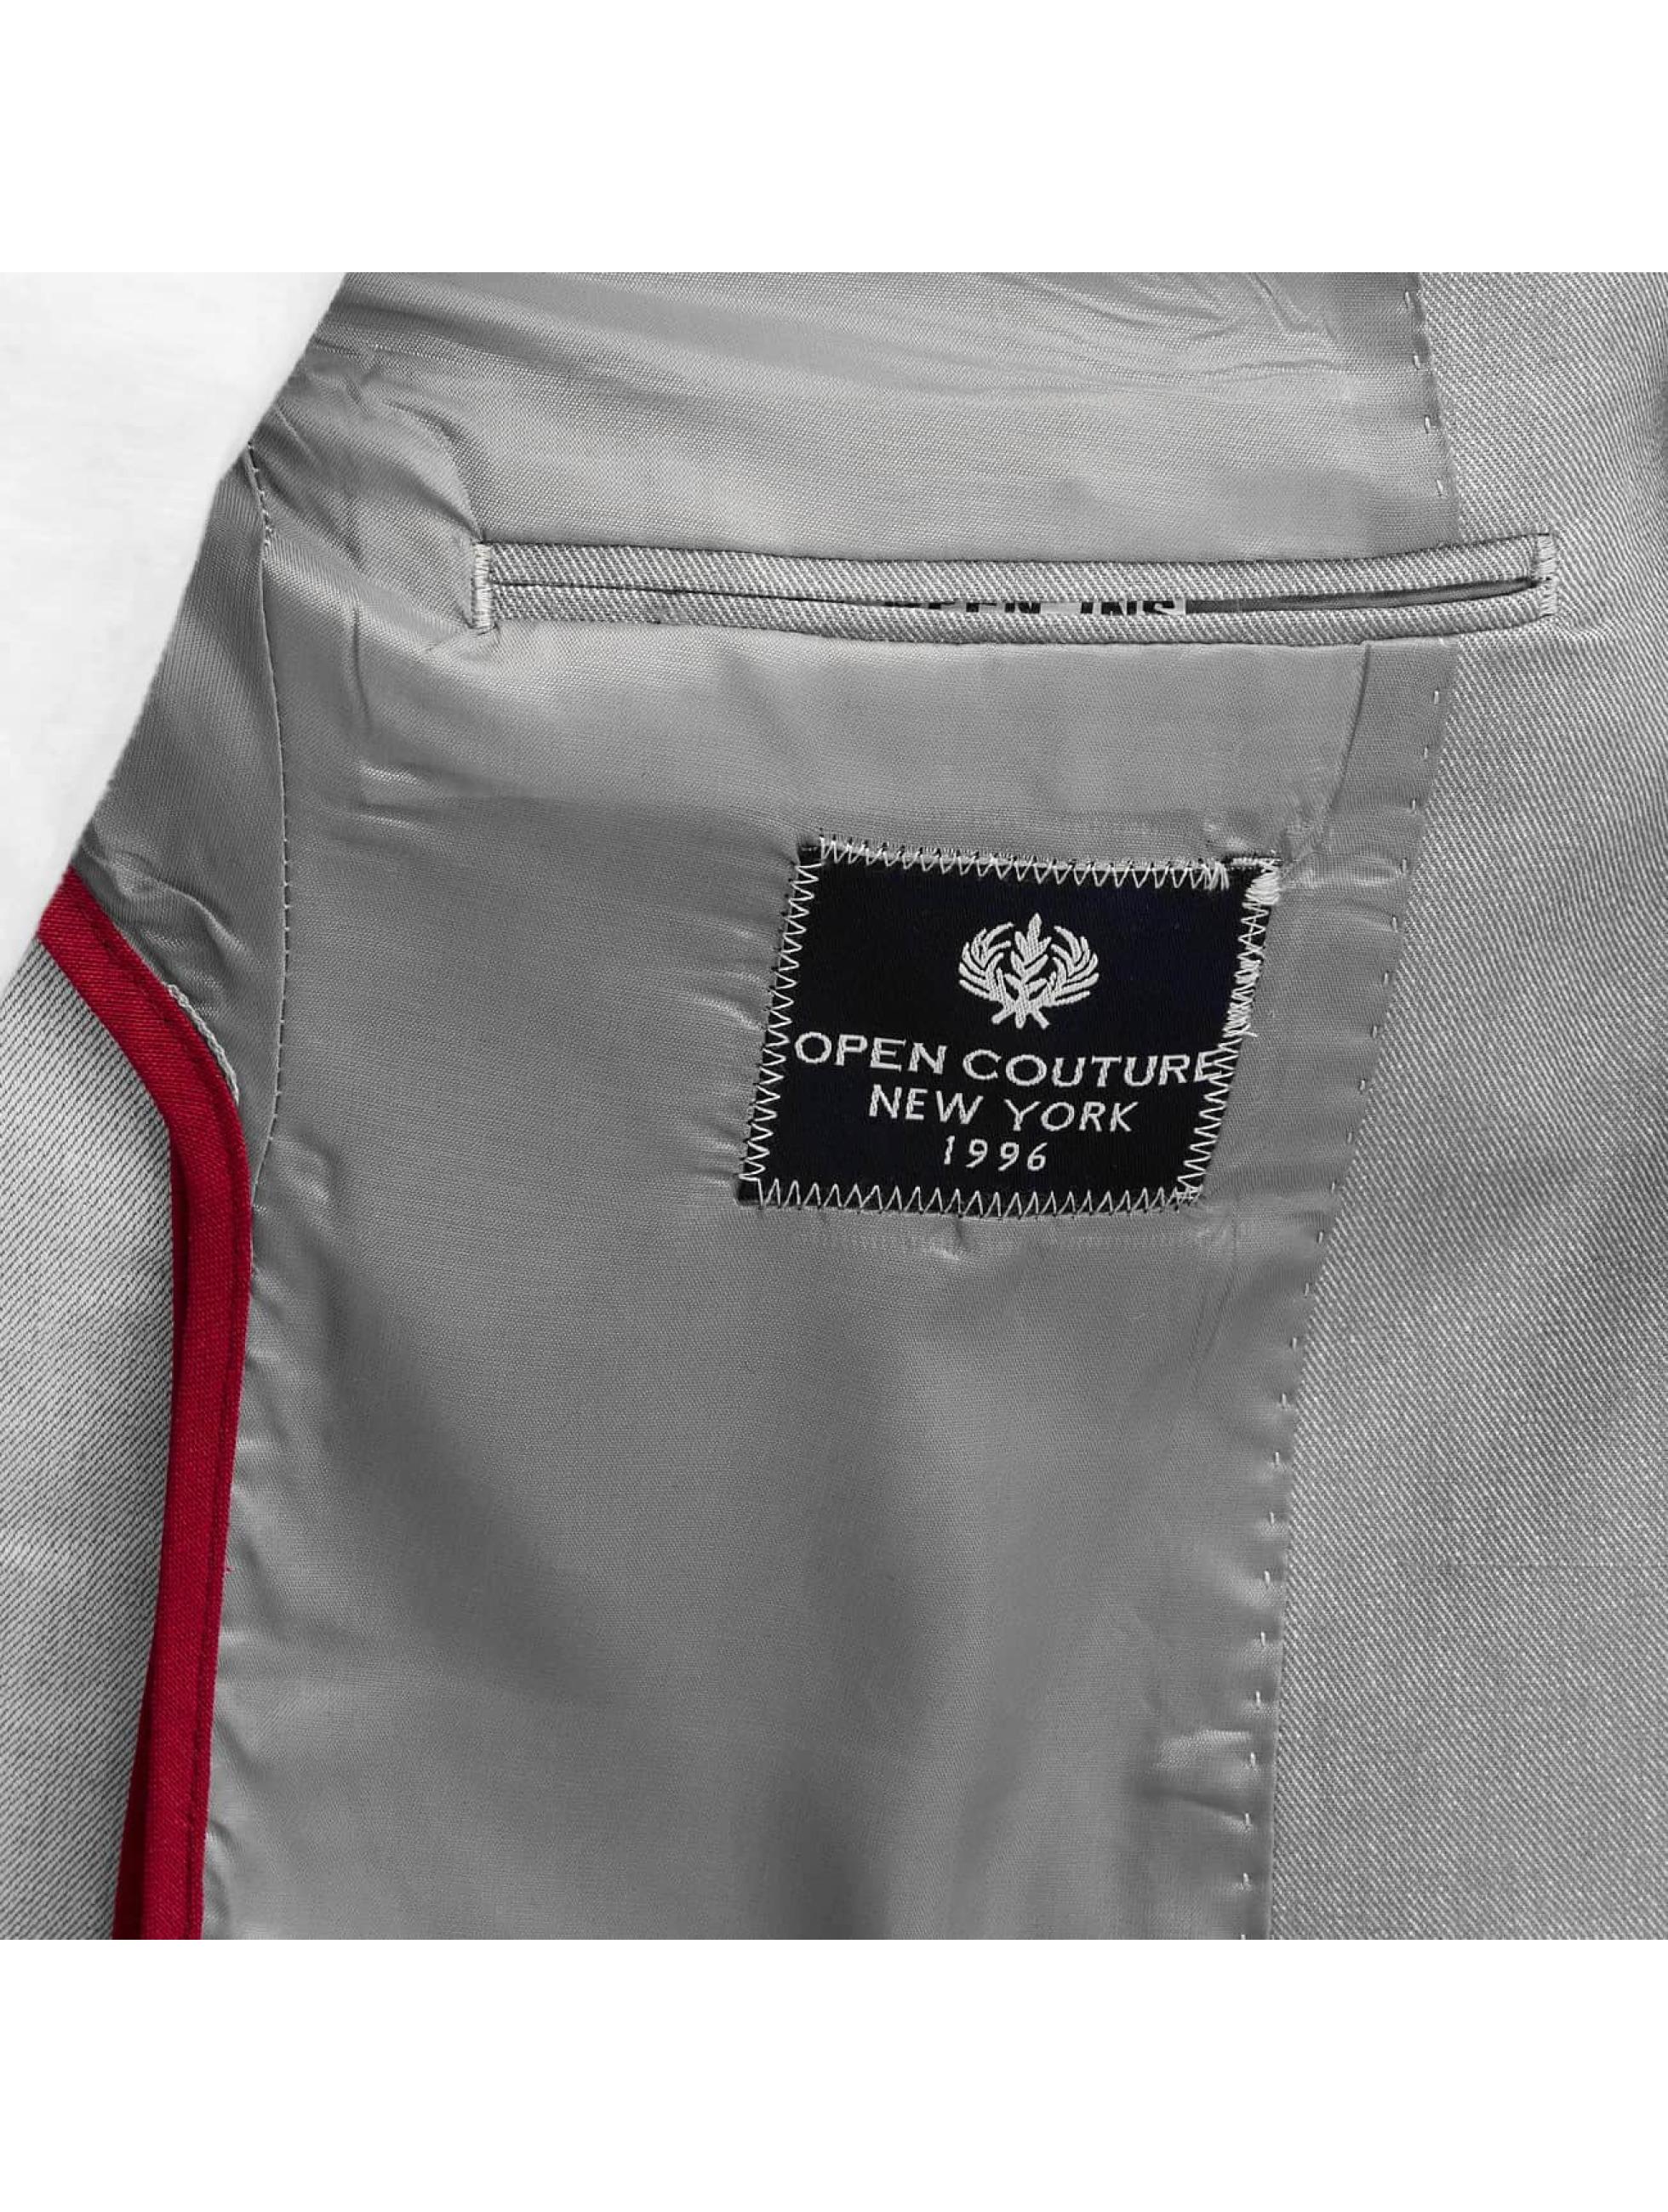 Open Пальто/Пиджак Basic серый